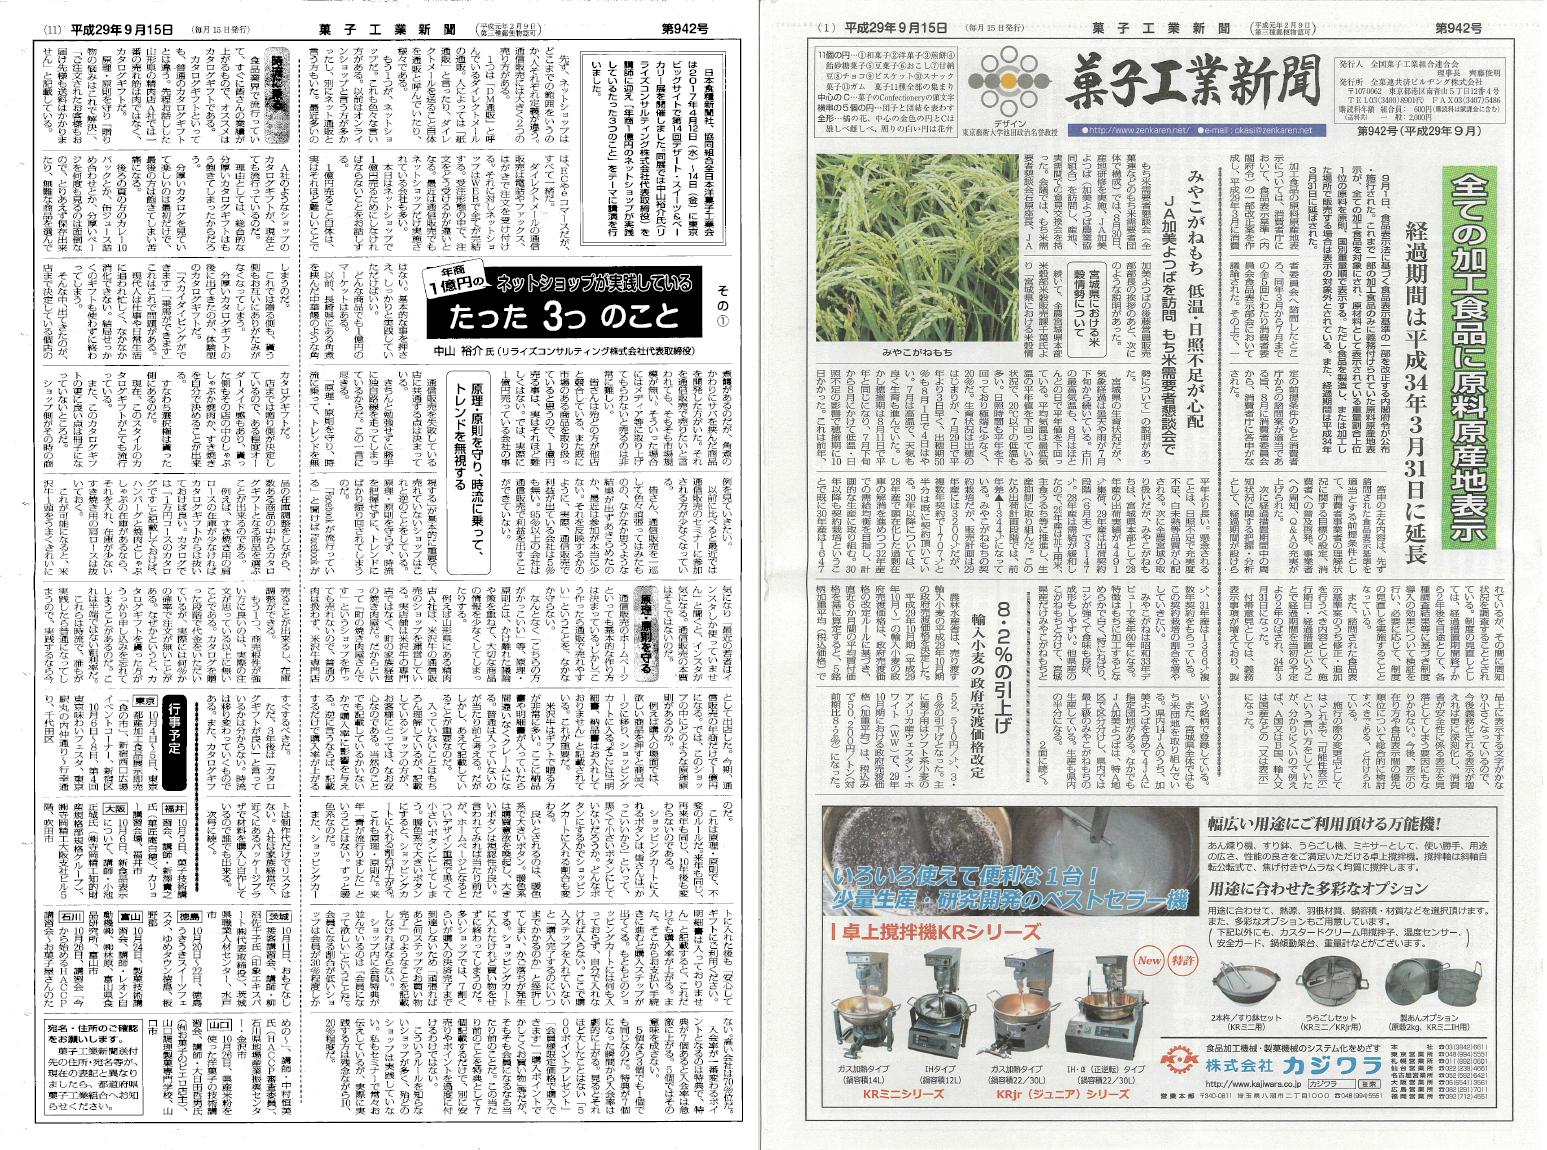 菓子工業新聞(中山裕介)